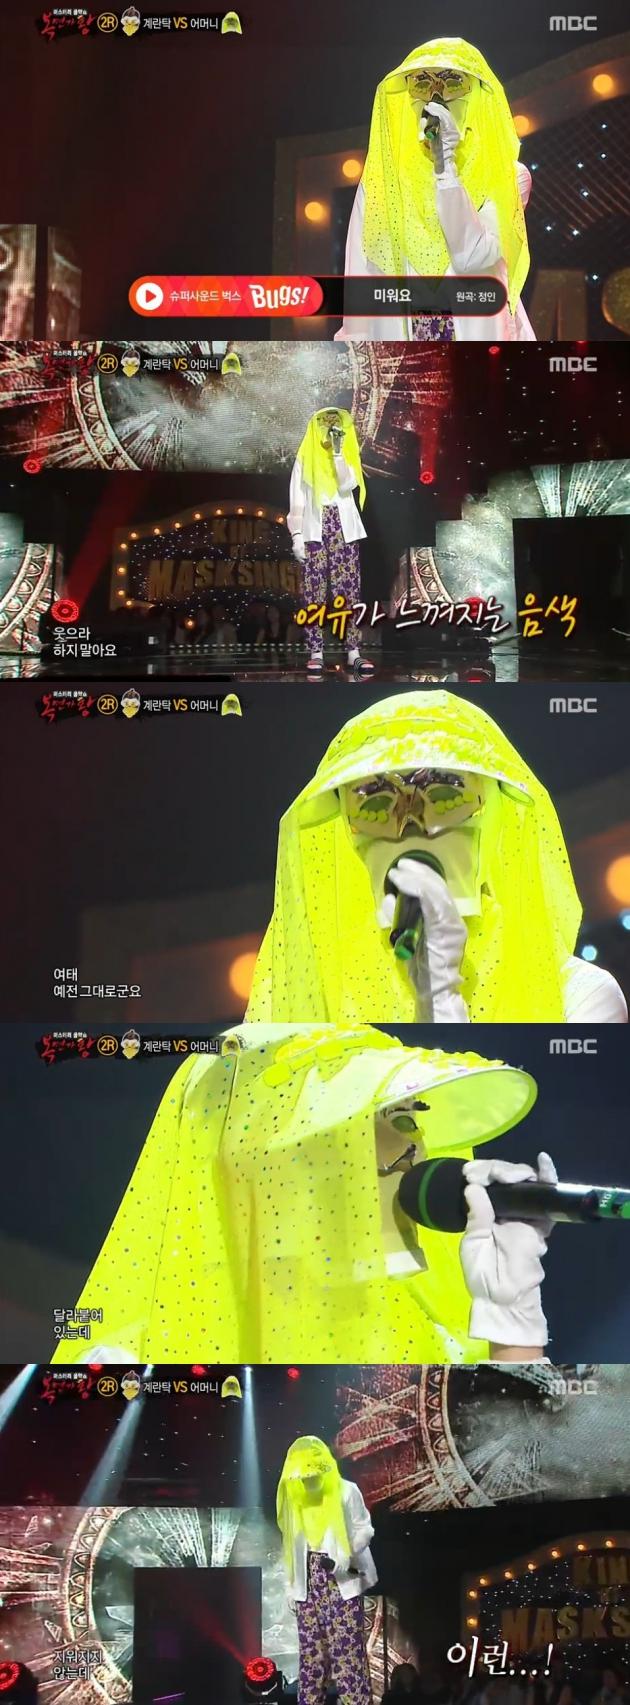 복면가왕 어머니 / 복면가왕 어머니 사진=MBC 방송 캡처